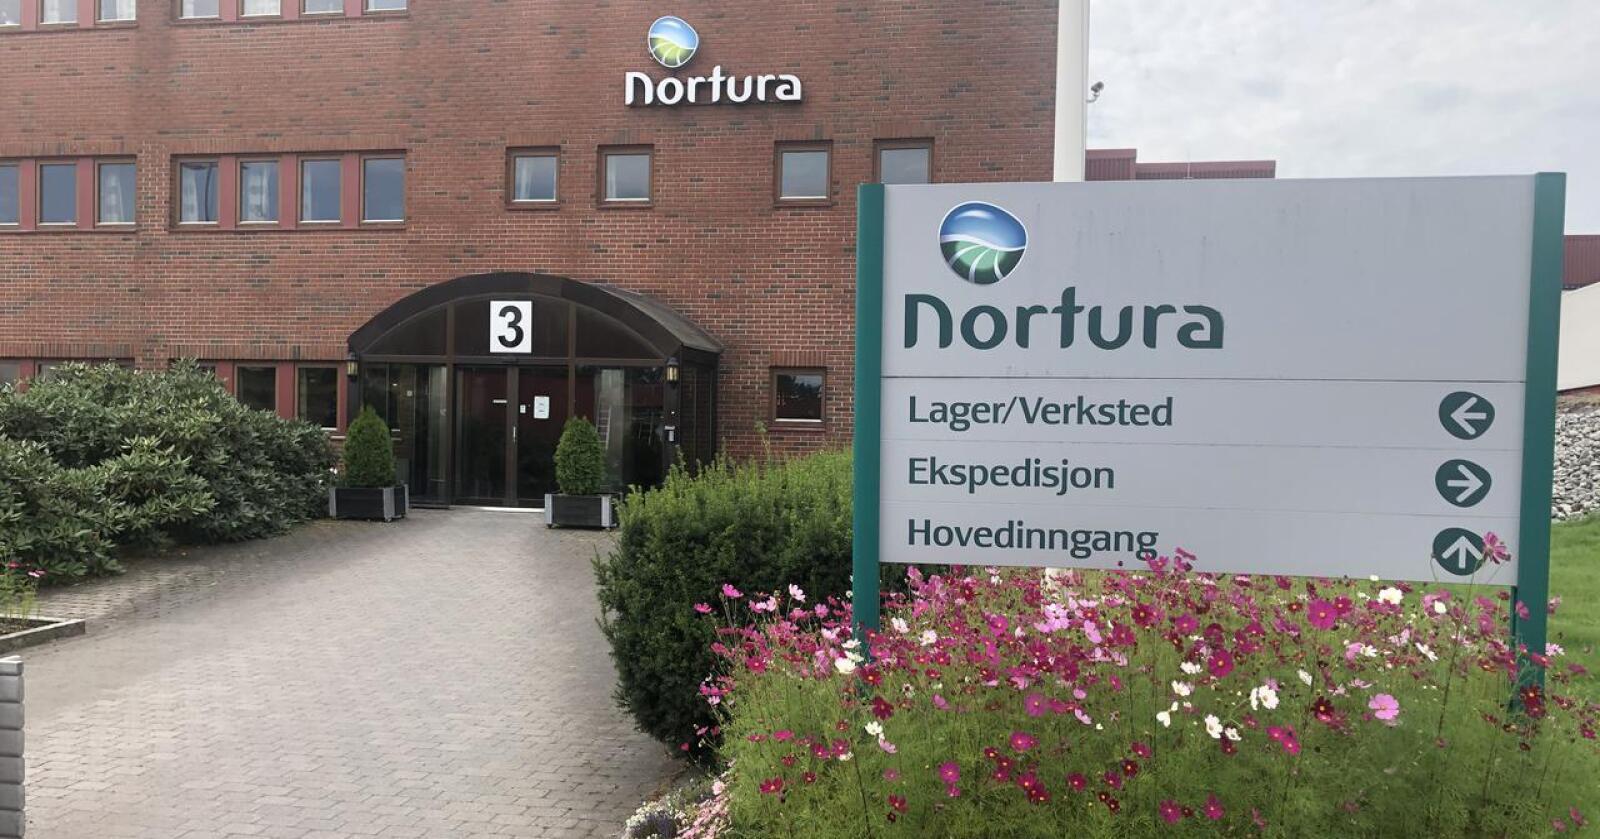 Ved å plassere griseslaktingen i Tønsberg, vil en ikke blokkere for videre utvikling av Rudshøgda som storfe og småfeanlegg, skriver Nortura. (Foto: Nortura)